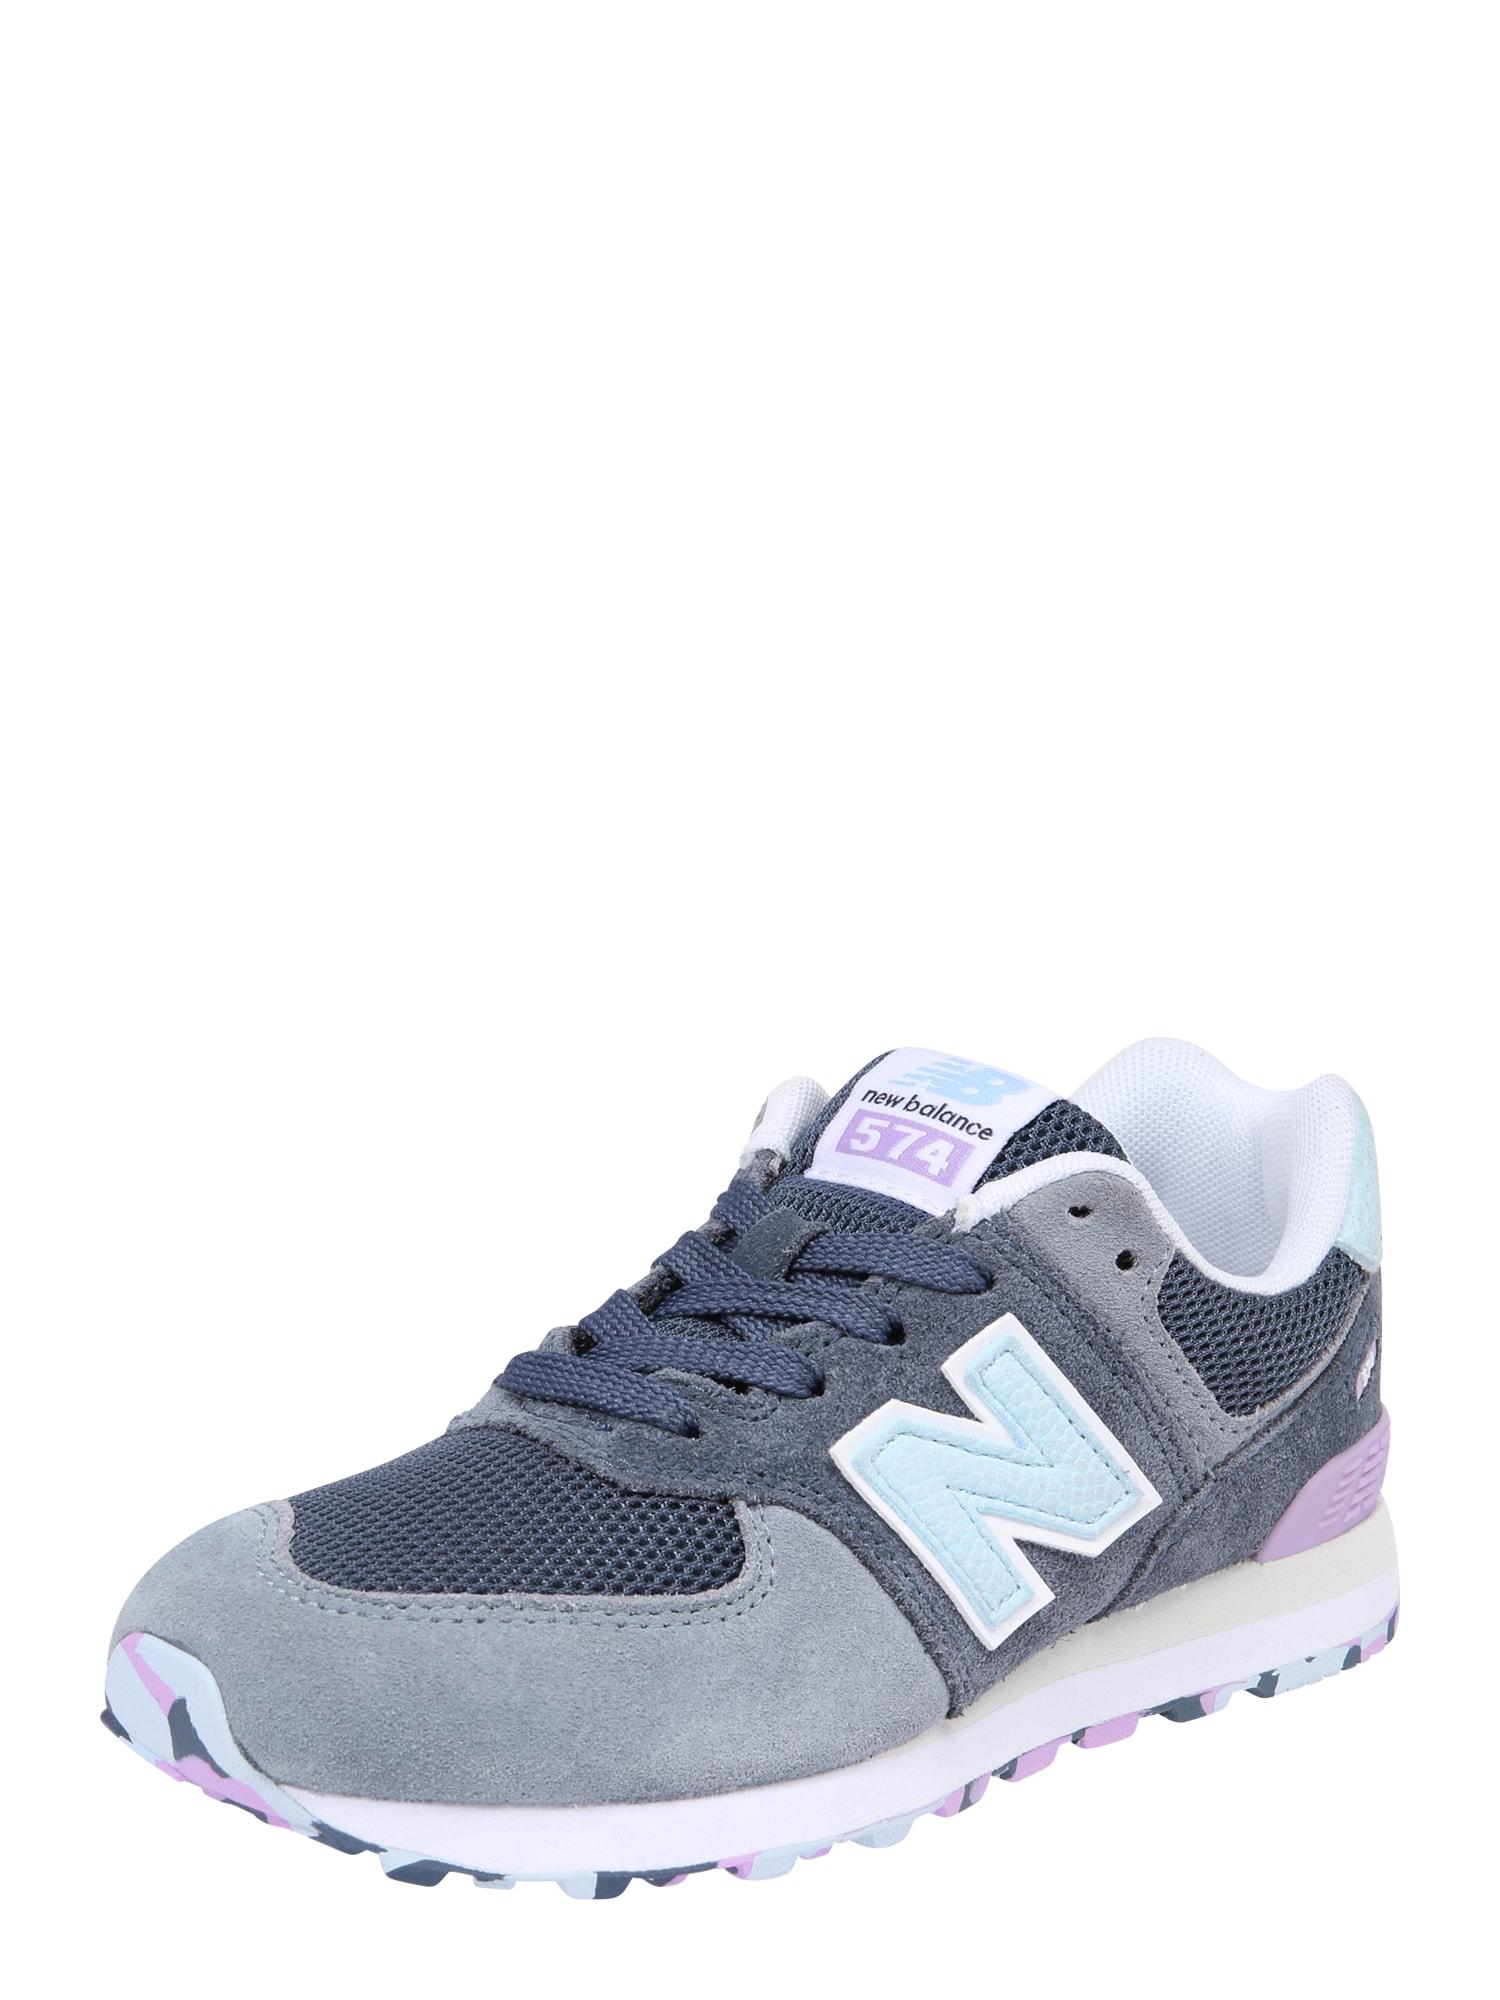 Sportovní boty PC574 M kouřově modrá fialová New Balance